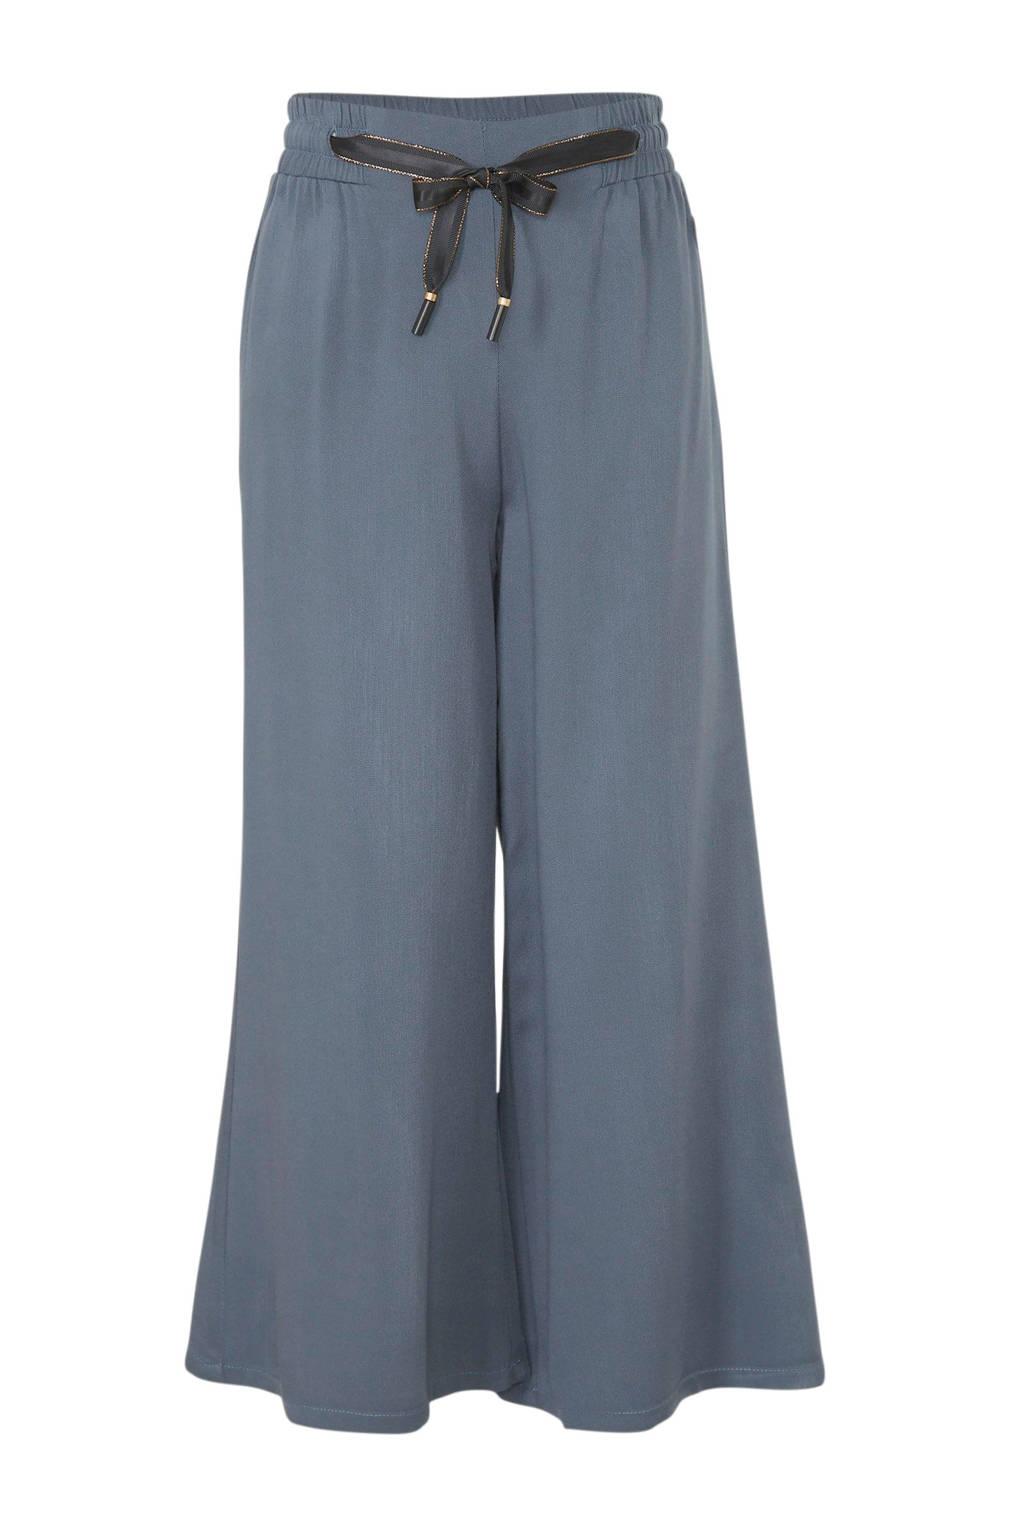 LEVV loose fit broek Flair grijsblauw/zwart/goud, Grijsblauw/zwart/goud